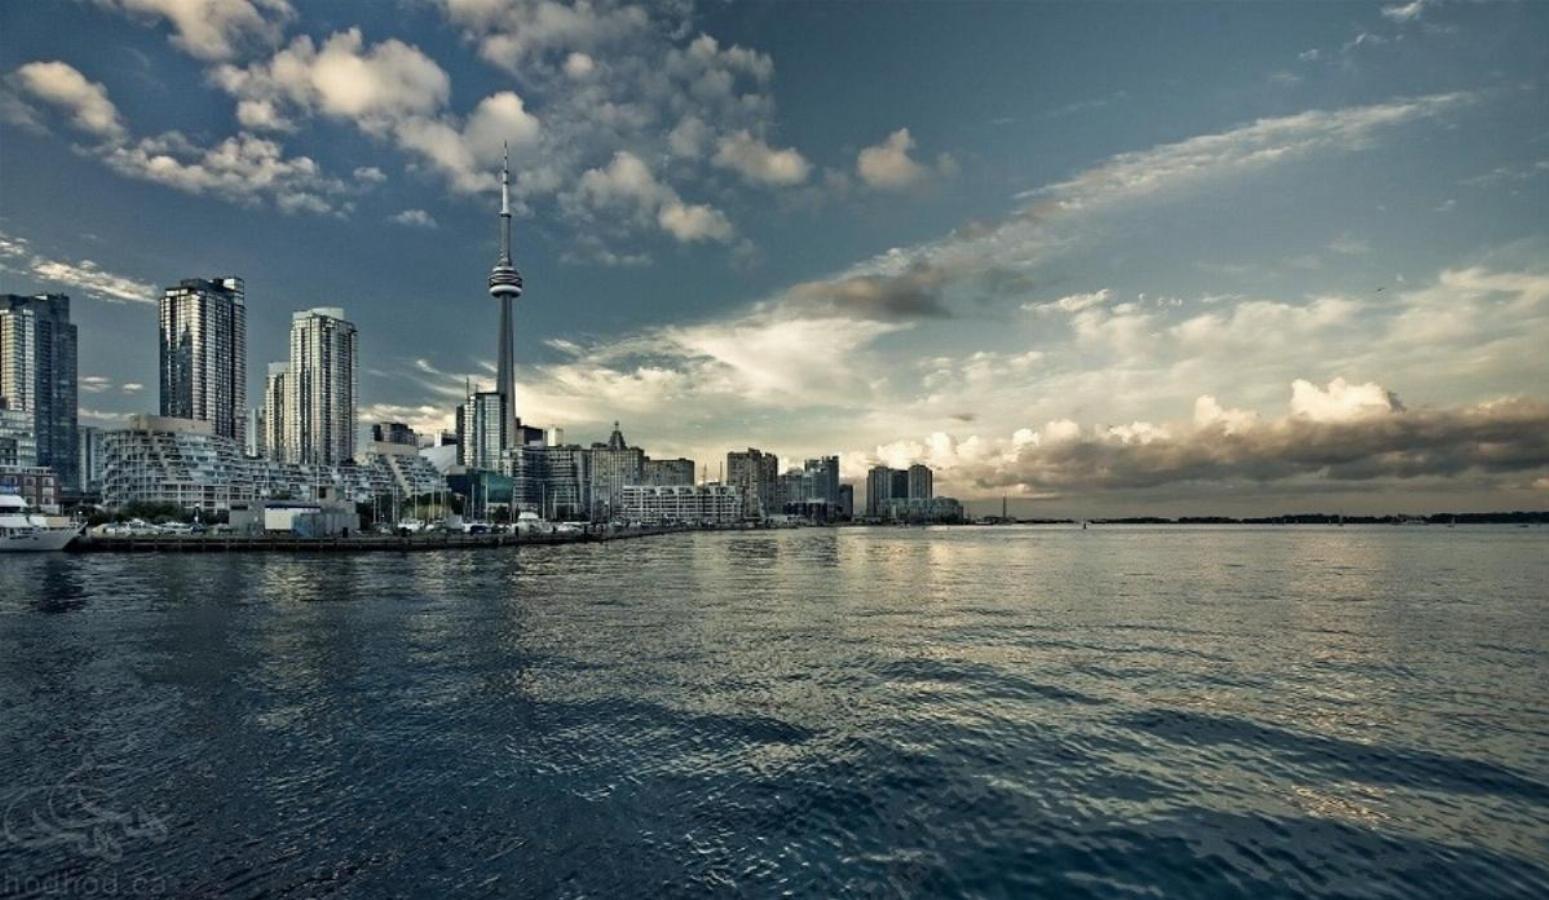 جاذبه های گردشگری کانادا: دریاچه انتاریو